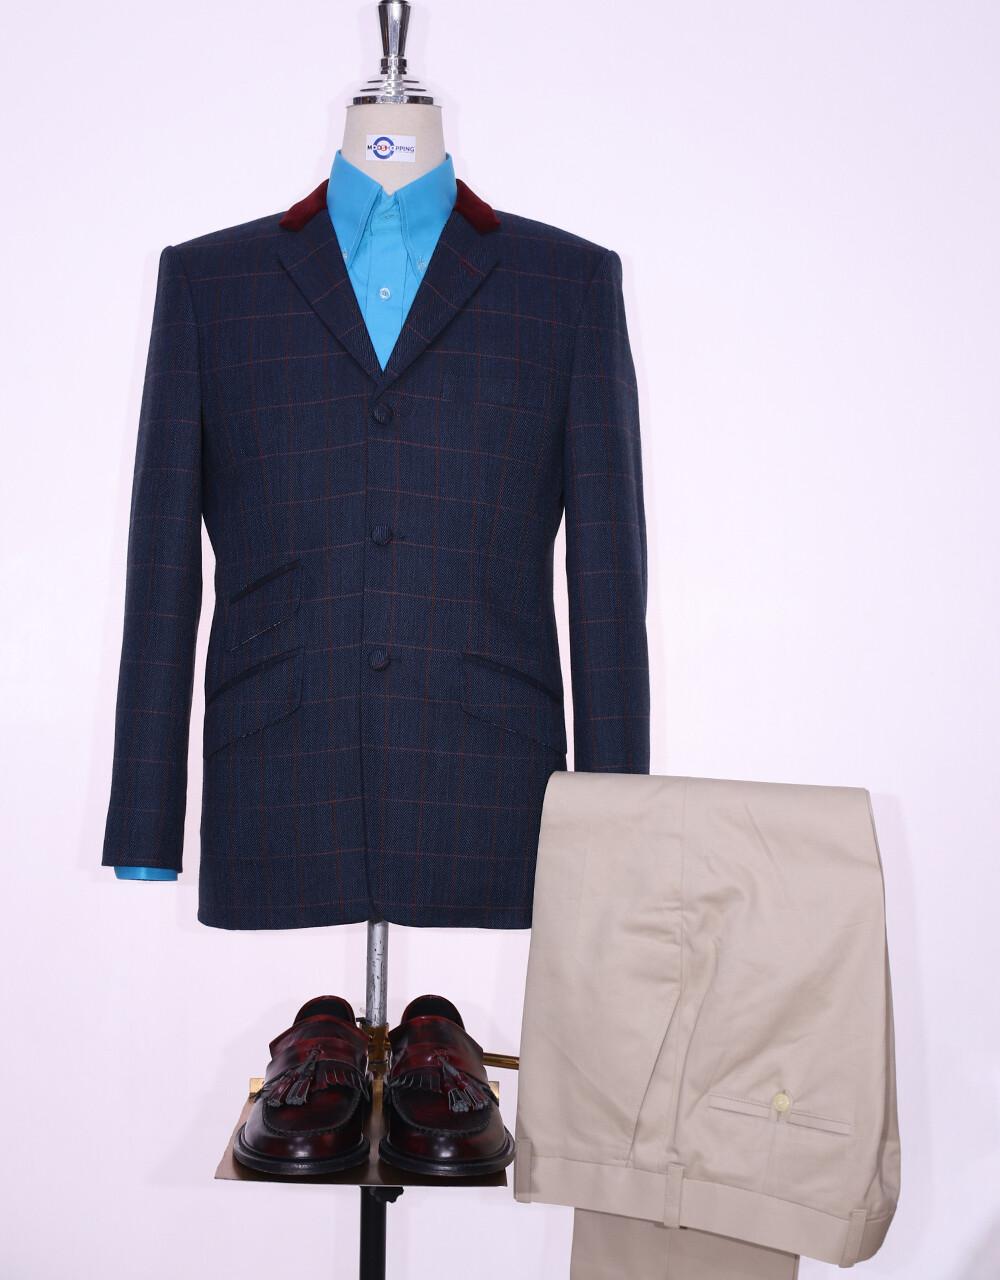 Tweed Jacket   Navy Blue Windowpane Check 60s Style Jacket.